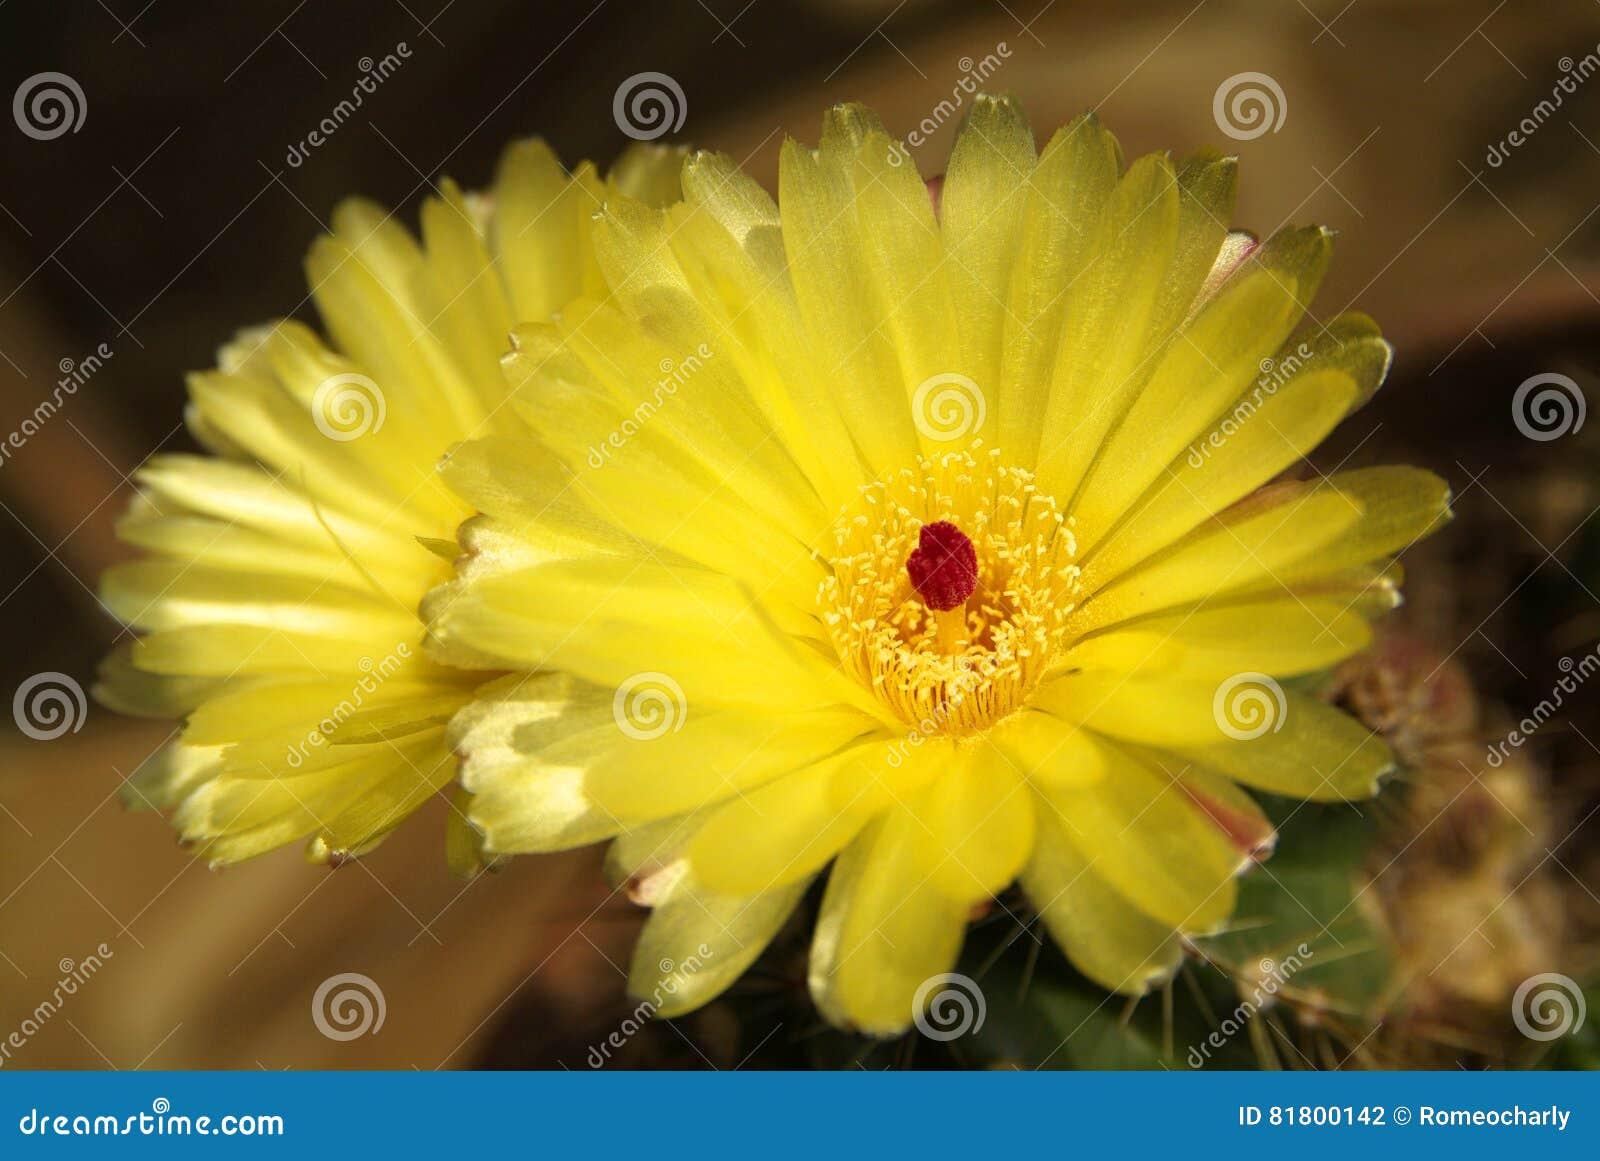 Желтый кактус